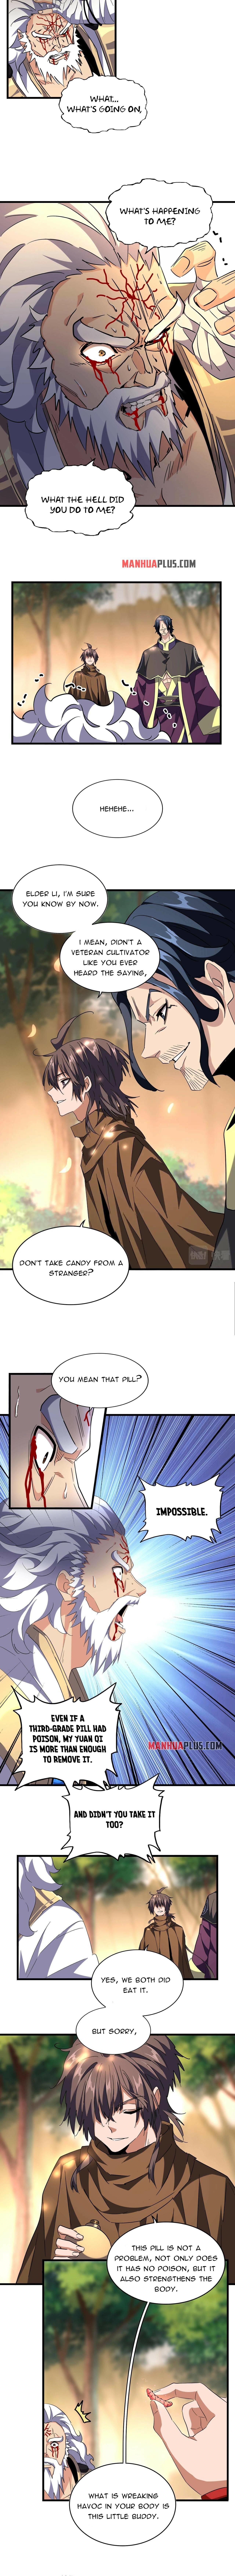 Magic Emperor Chapter 216 page 5 - Mangakakalot